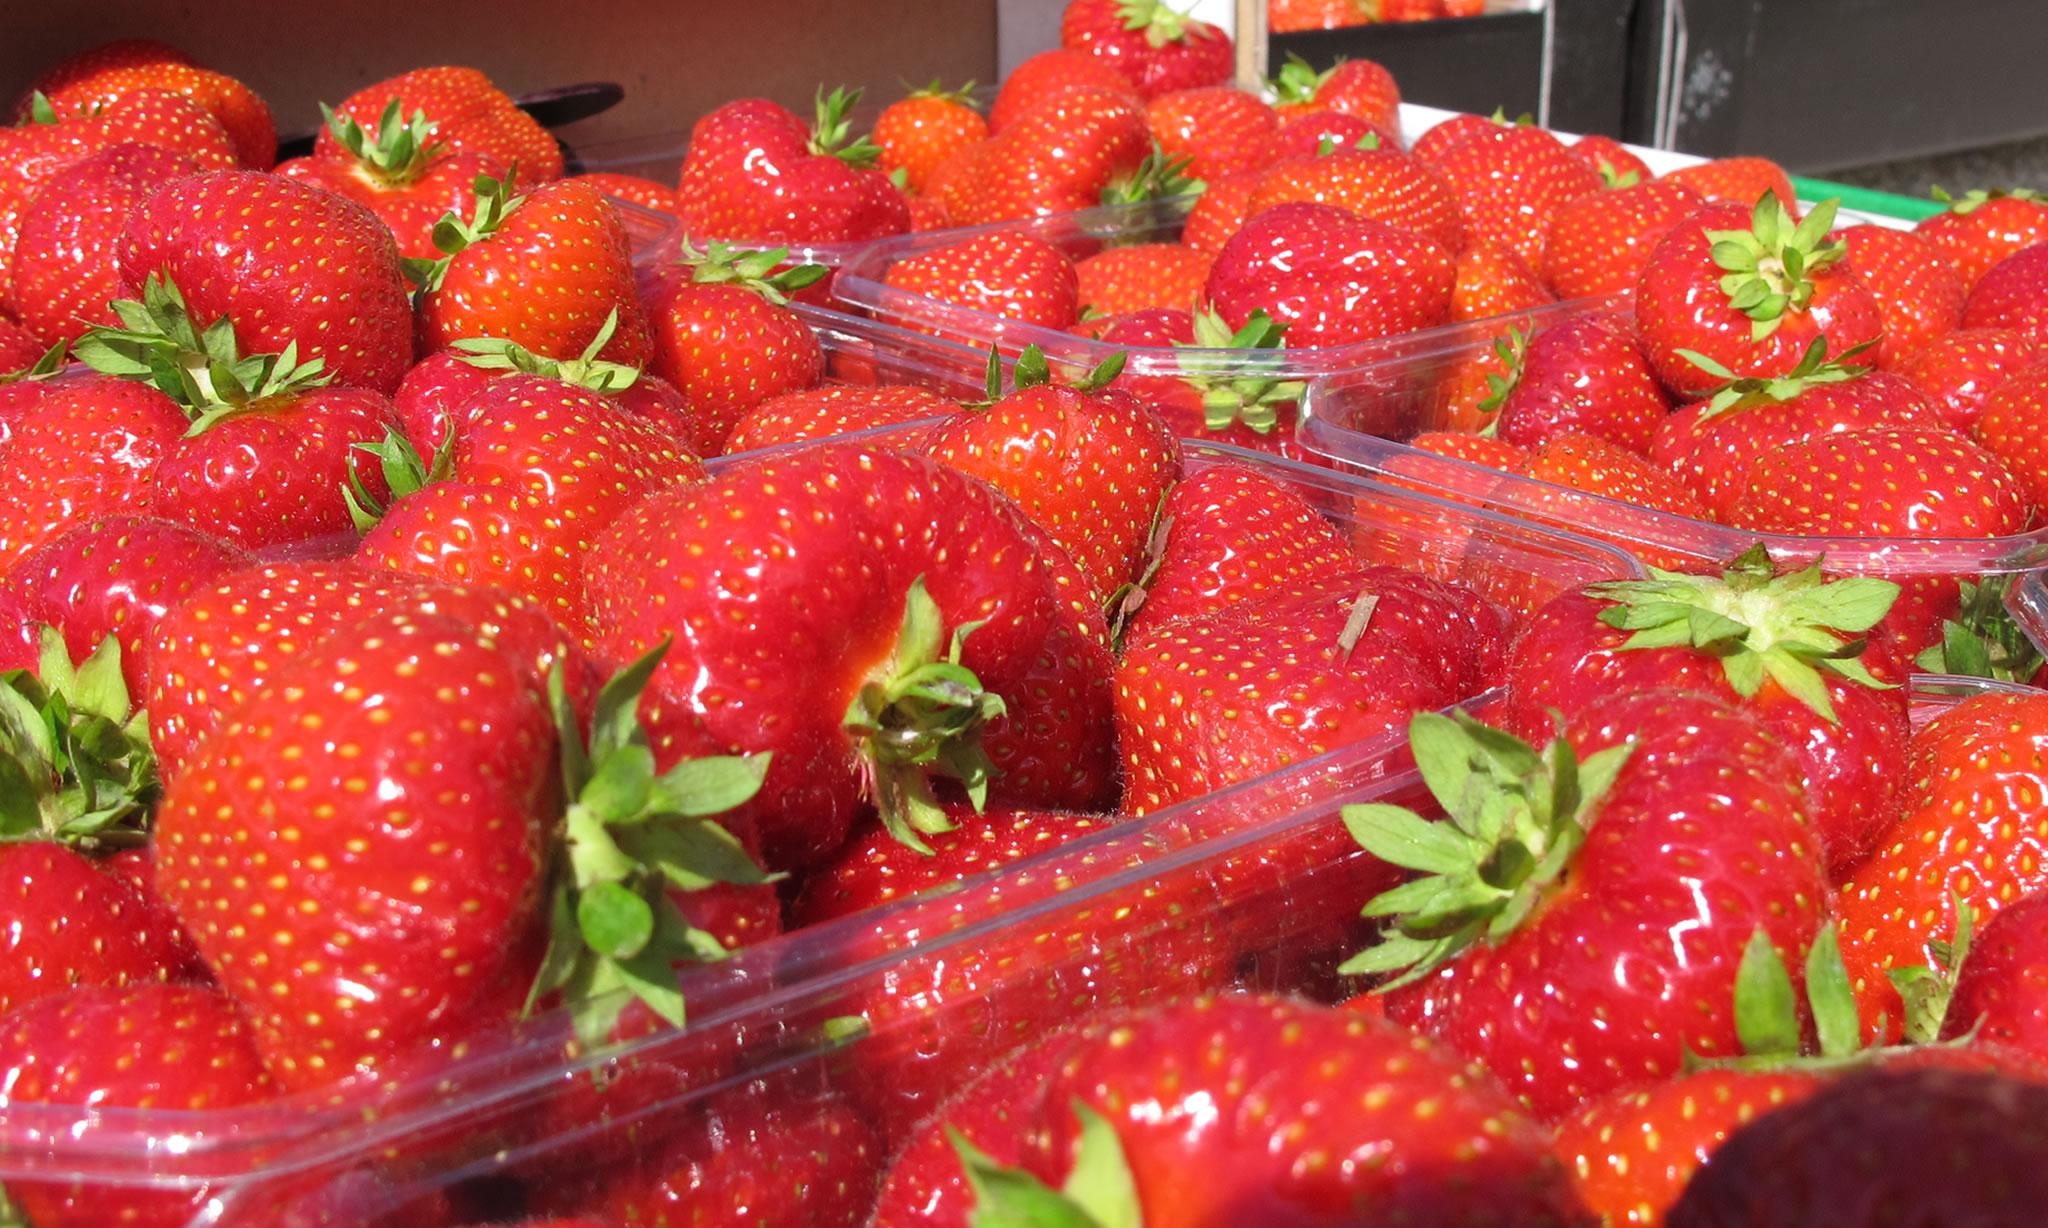 Strawberry season at Villa Orchard